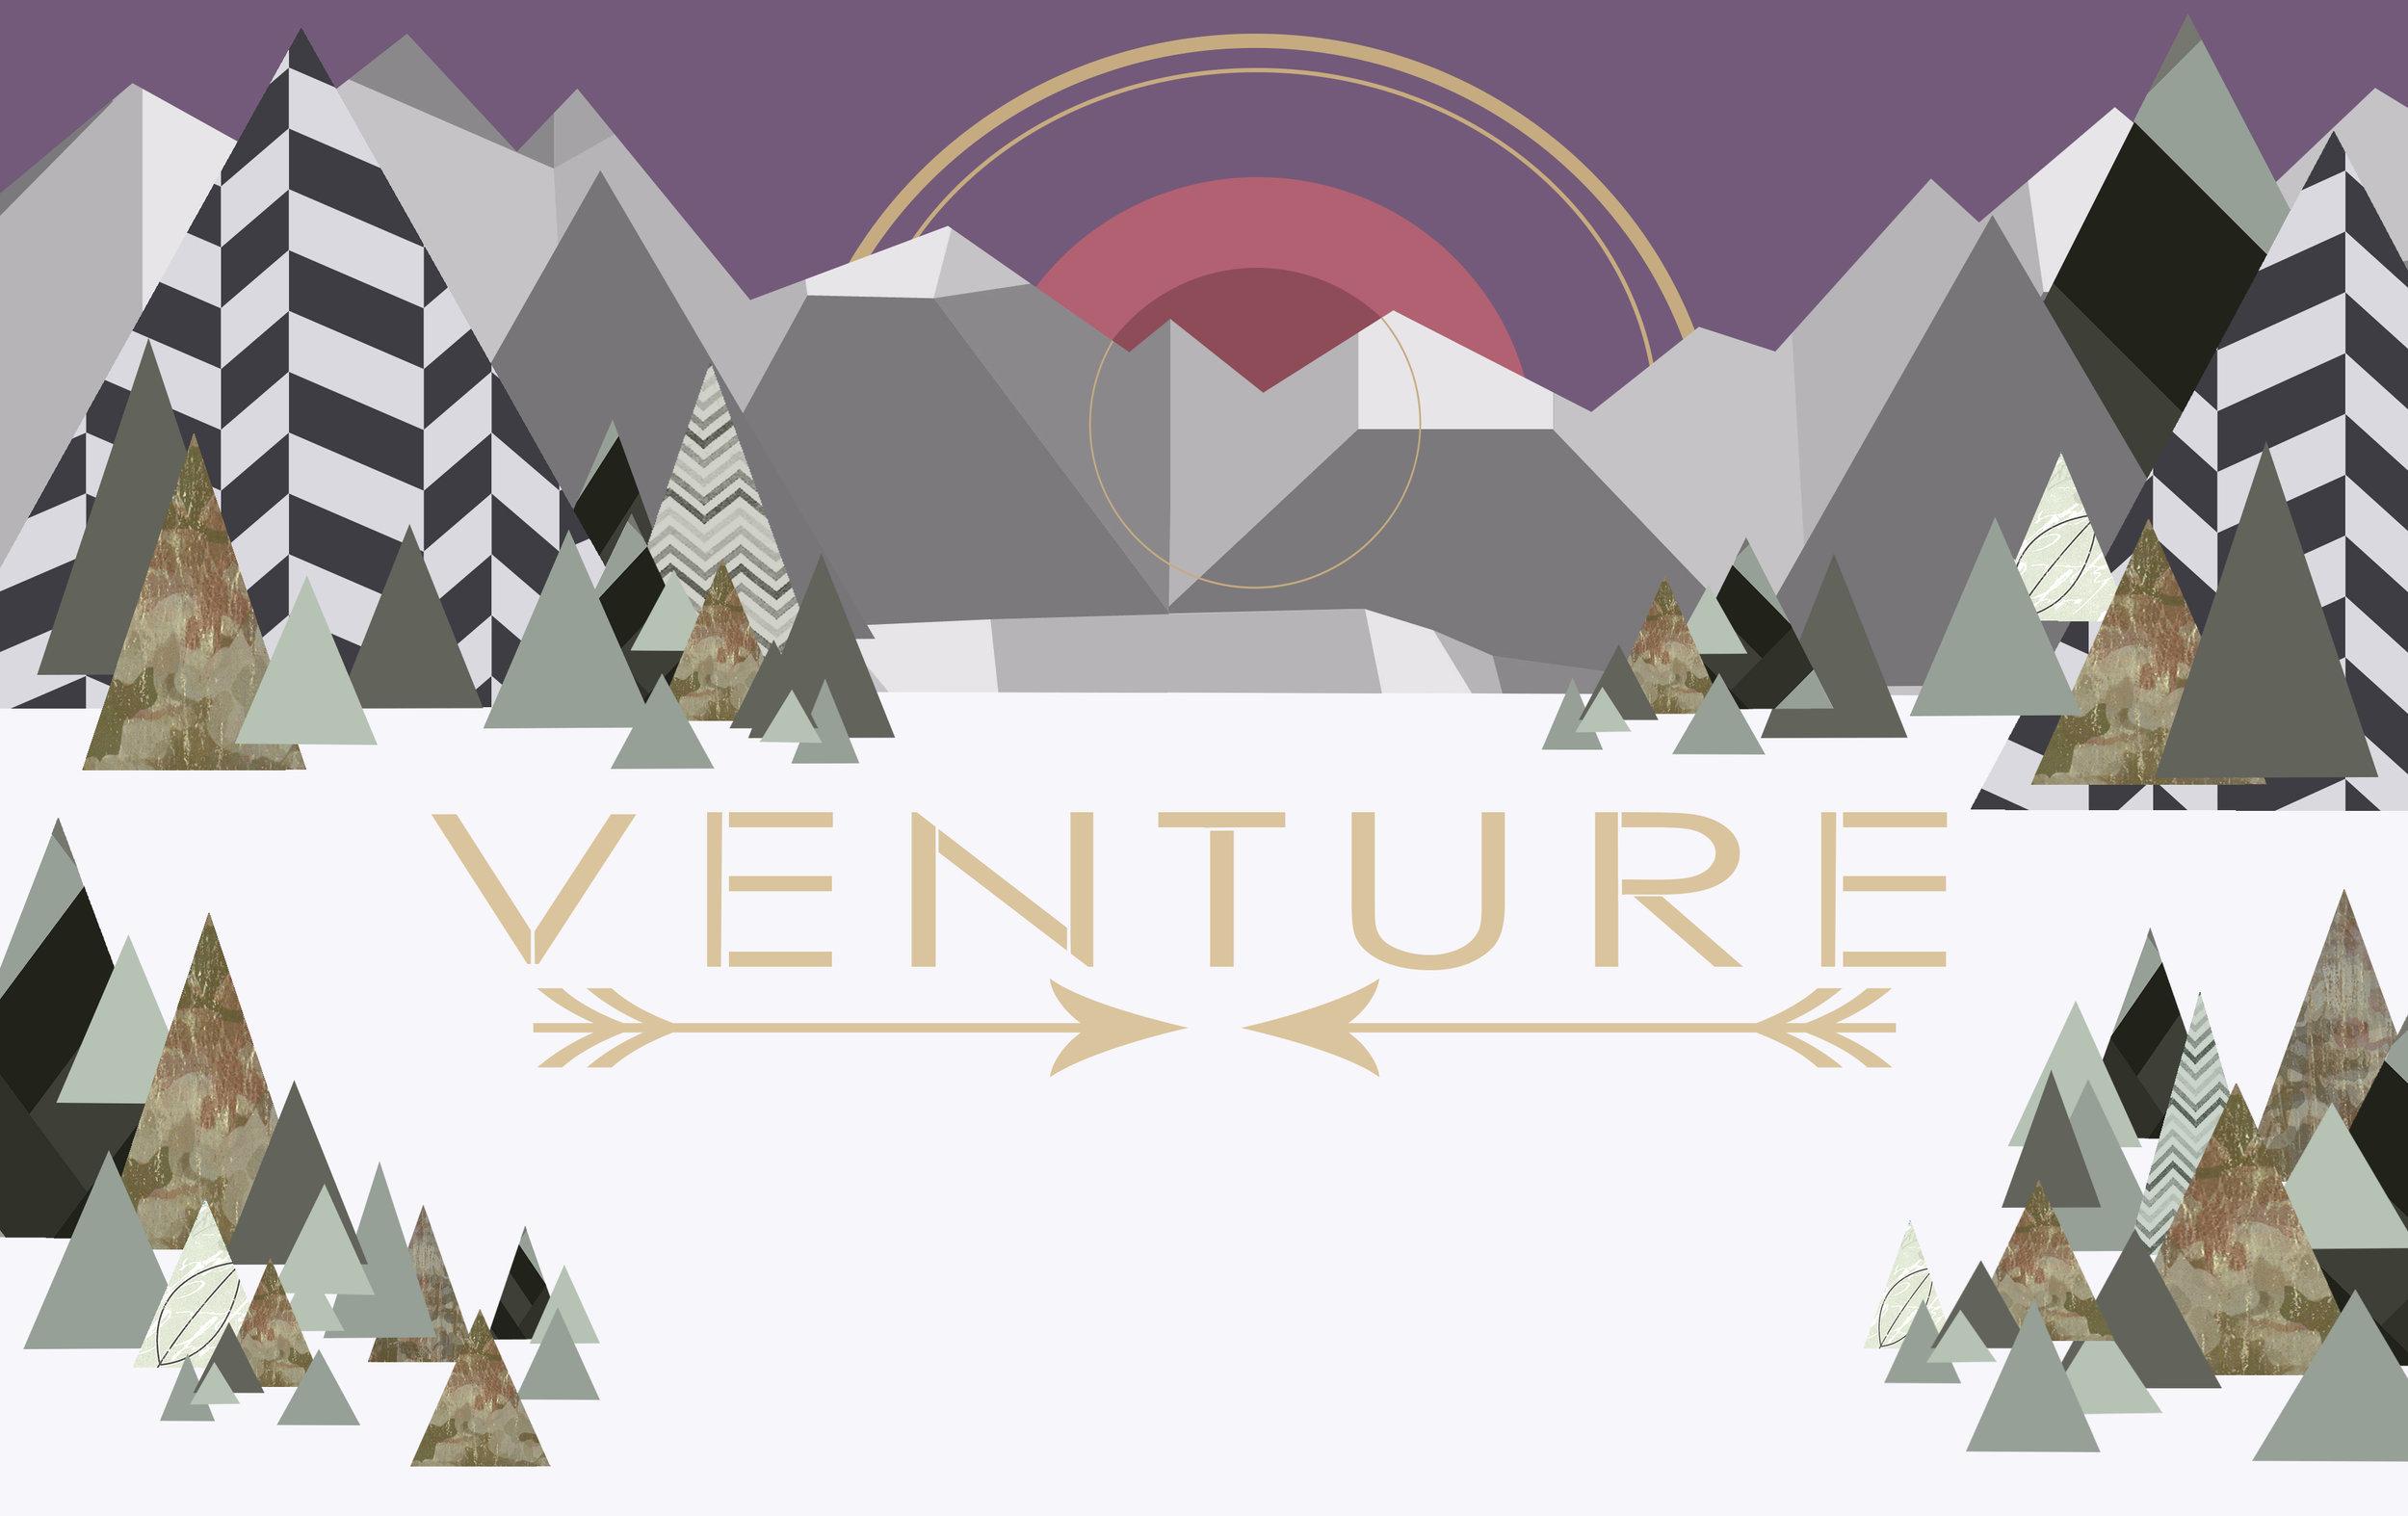 Venture 2013-2014